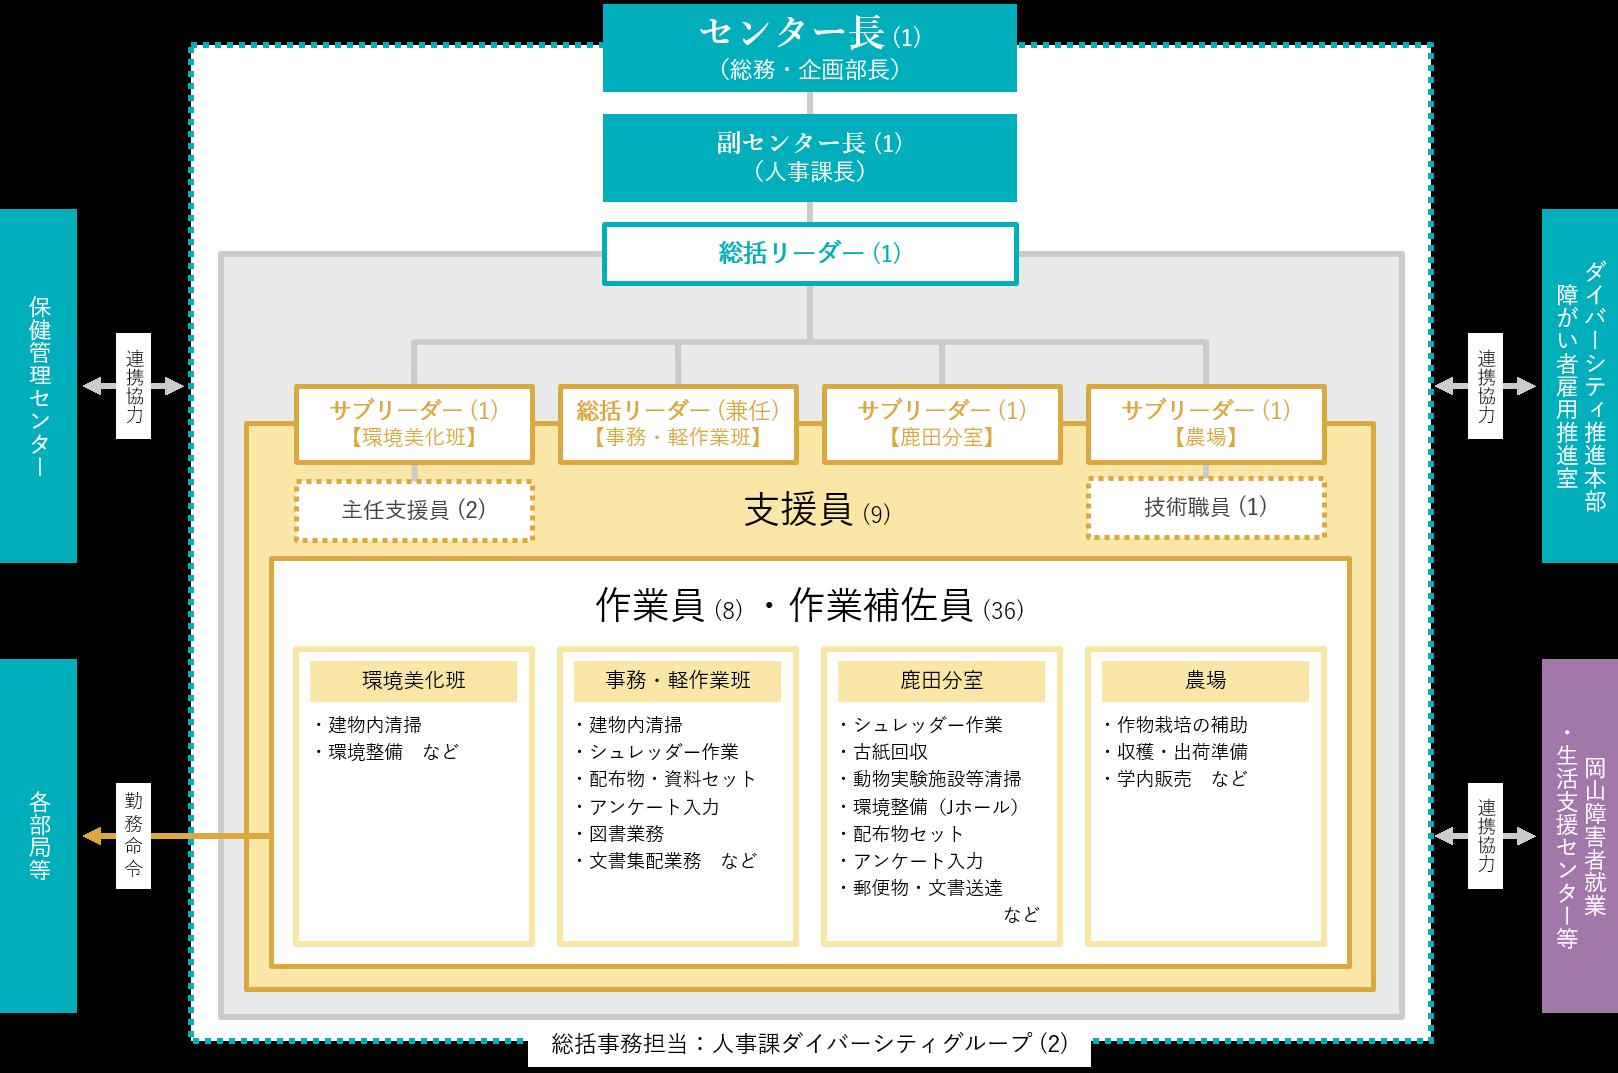 グッドジョブ支援センター体制図